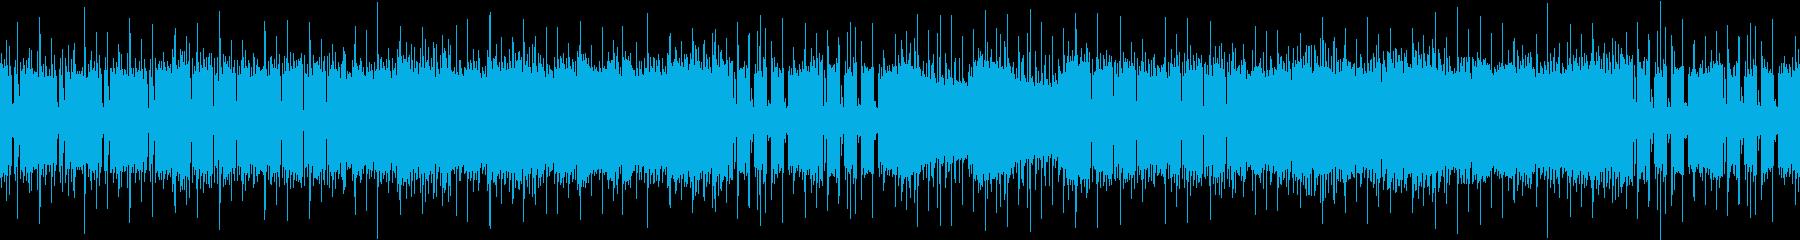 緊迫感のある少しダークな楽曲です。の再生済みの波形